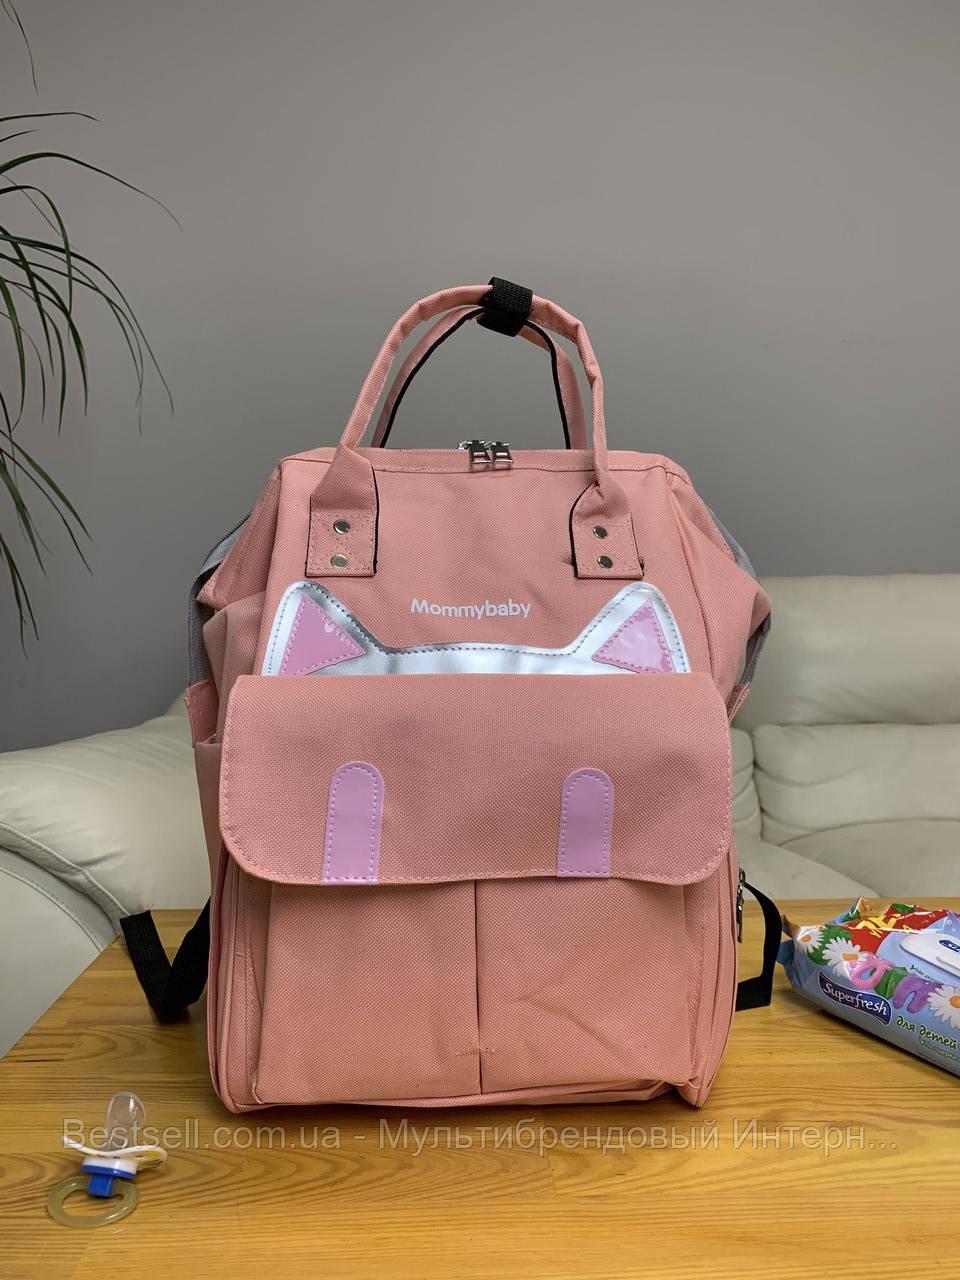 Сумка - рюкзак для мам Mommybaby -> рожевий колір